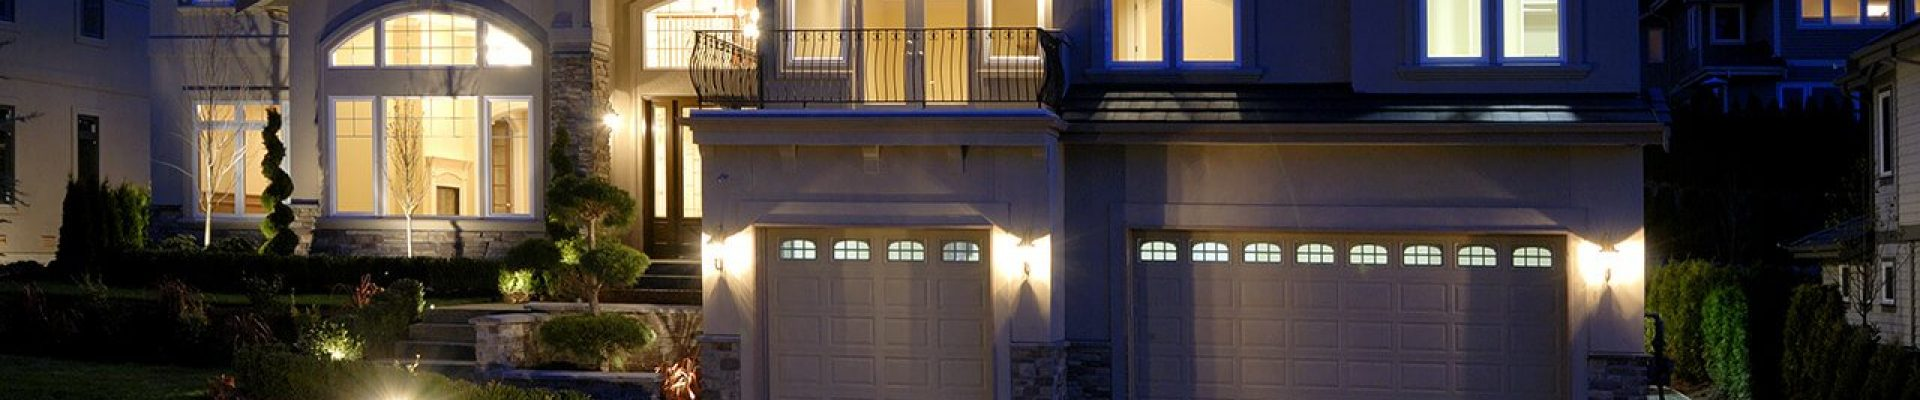 How to NOT Repair a Garage Door